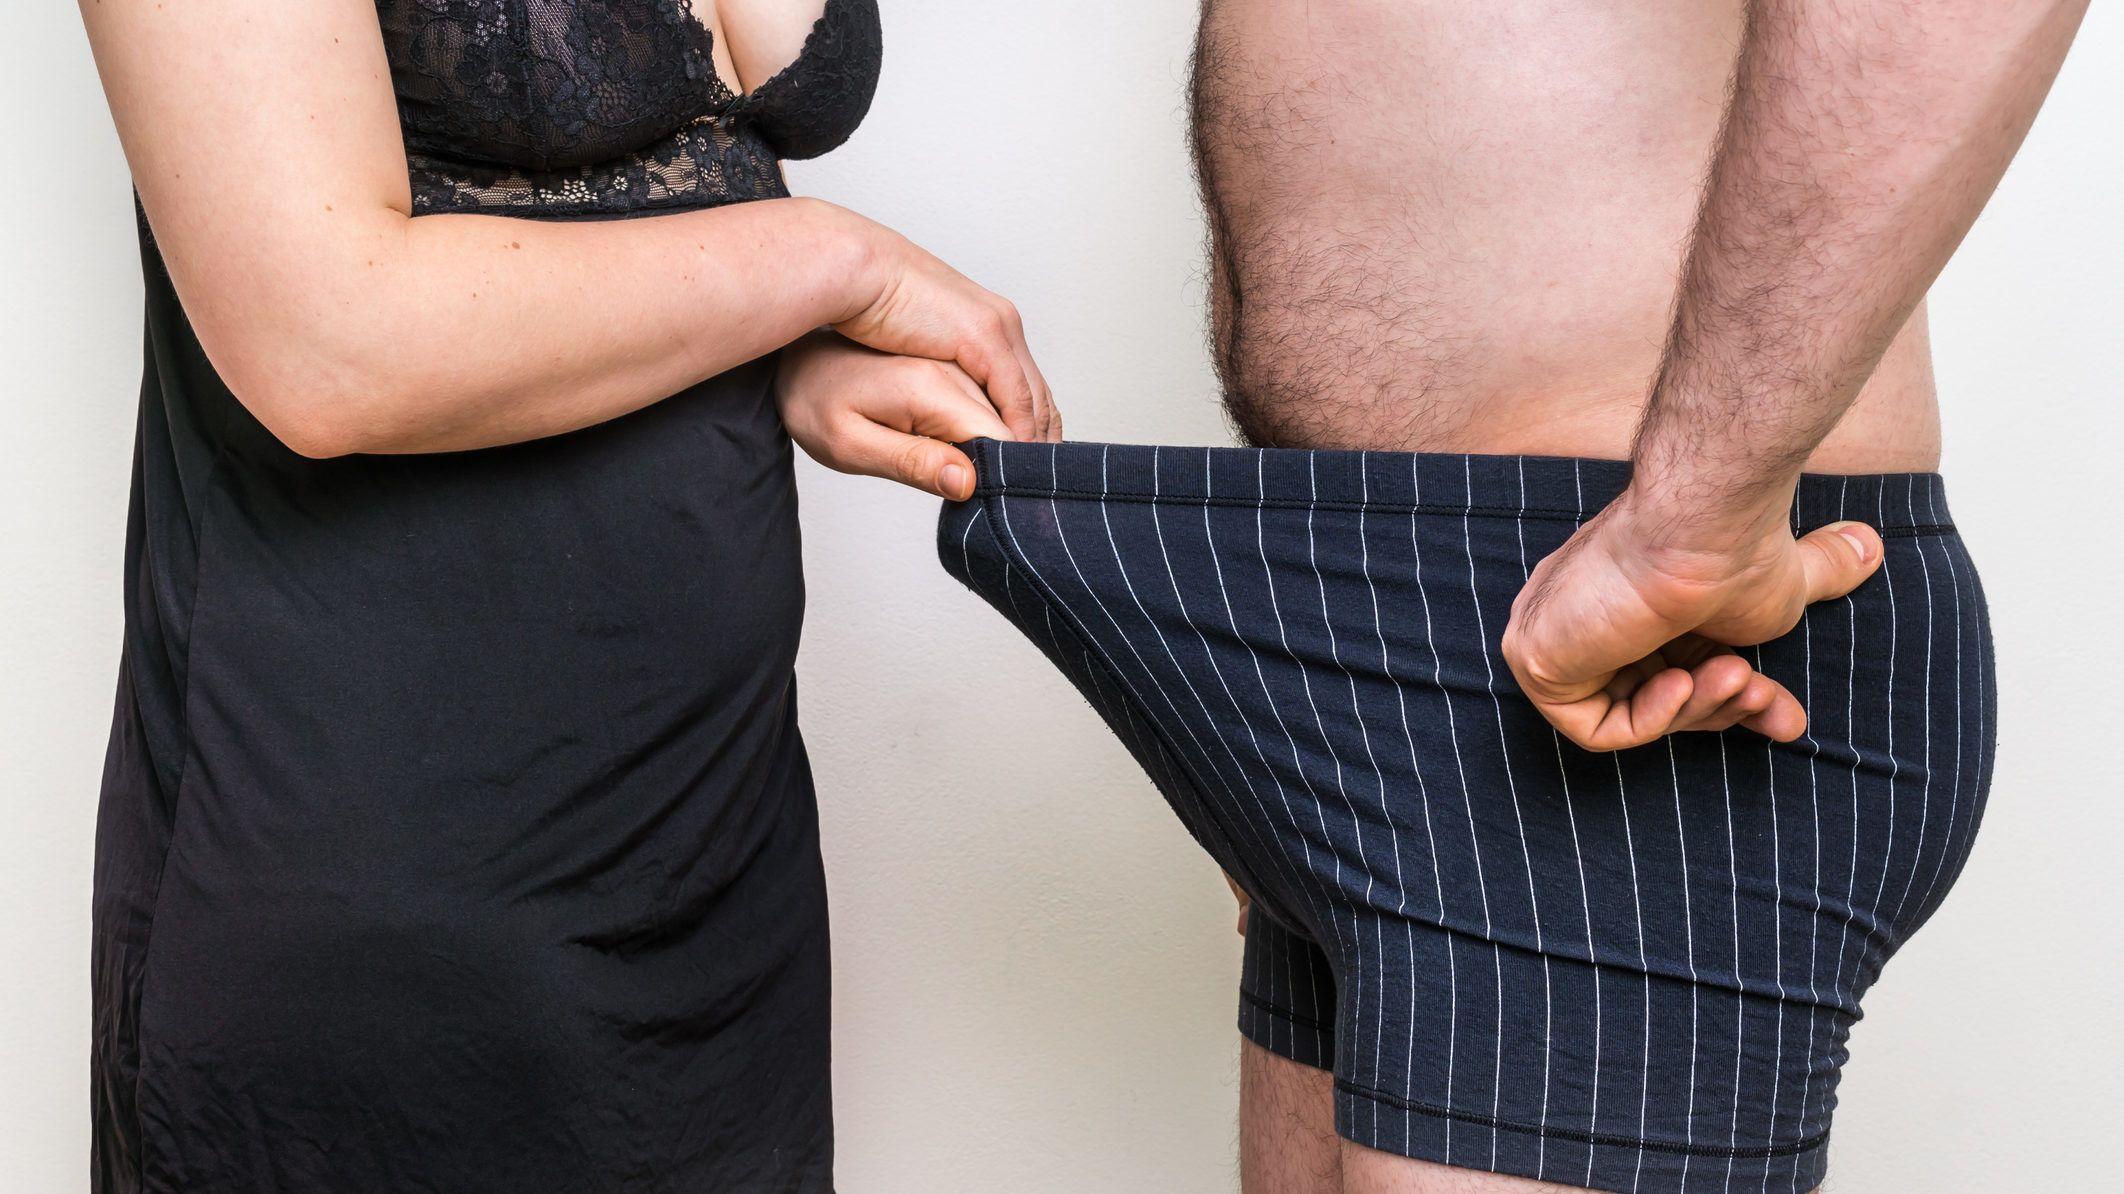 kemény pénisz jó vagy nem merevedés és 2-es típusú cukorbetegség